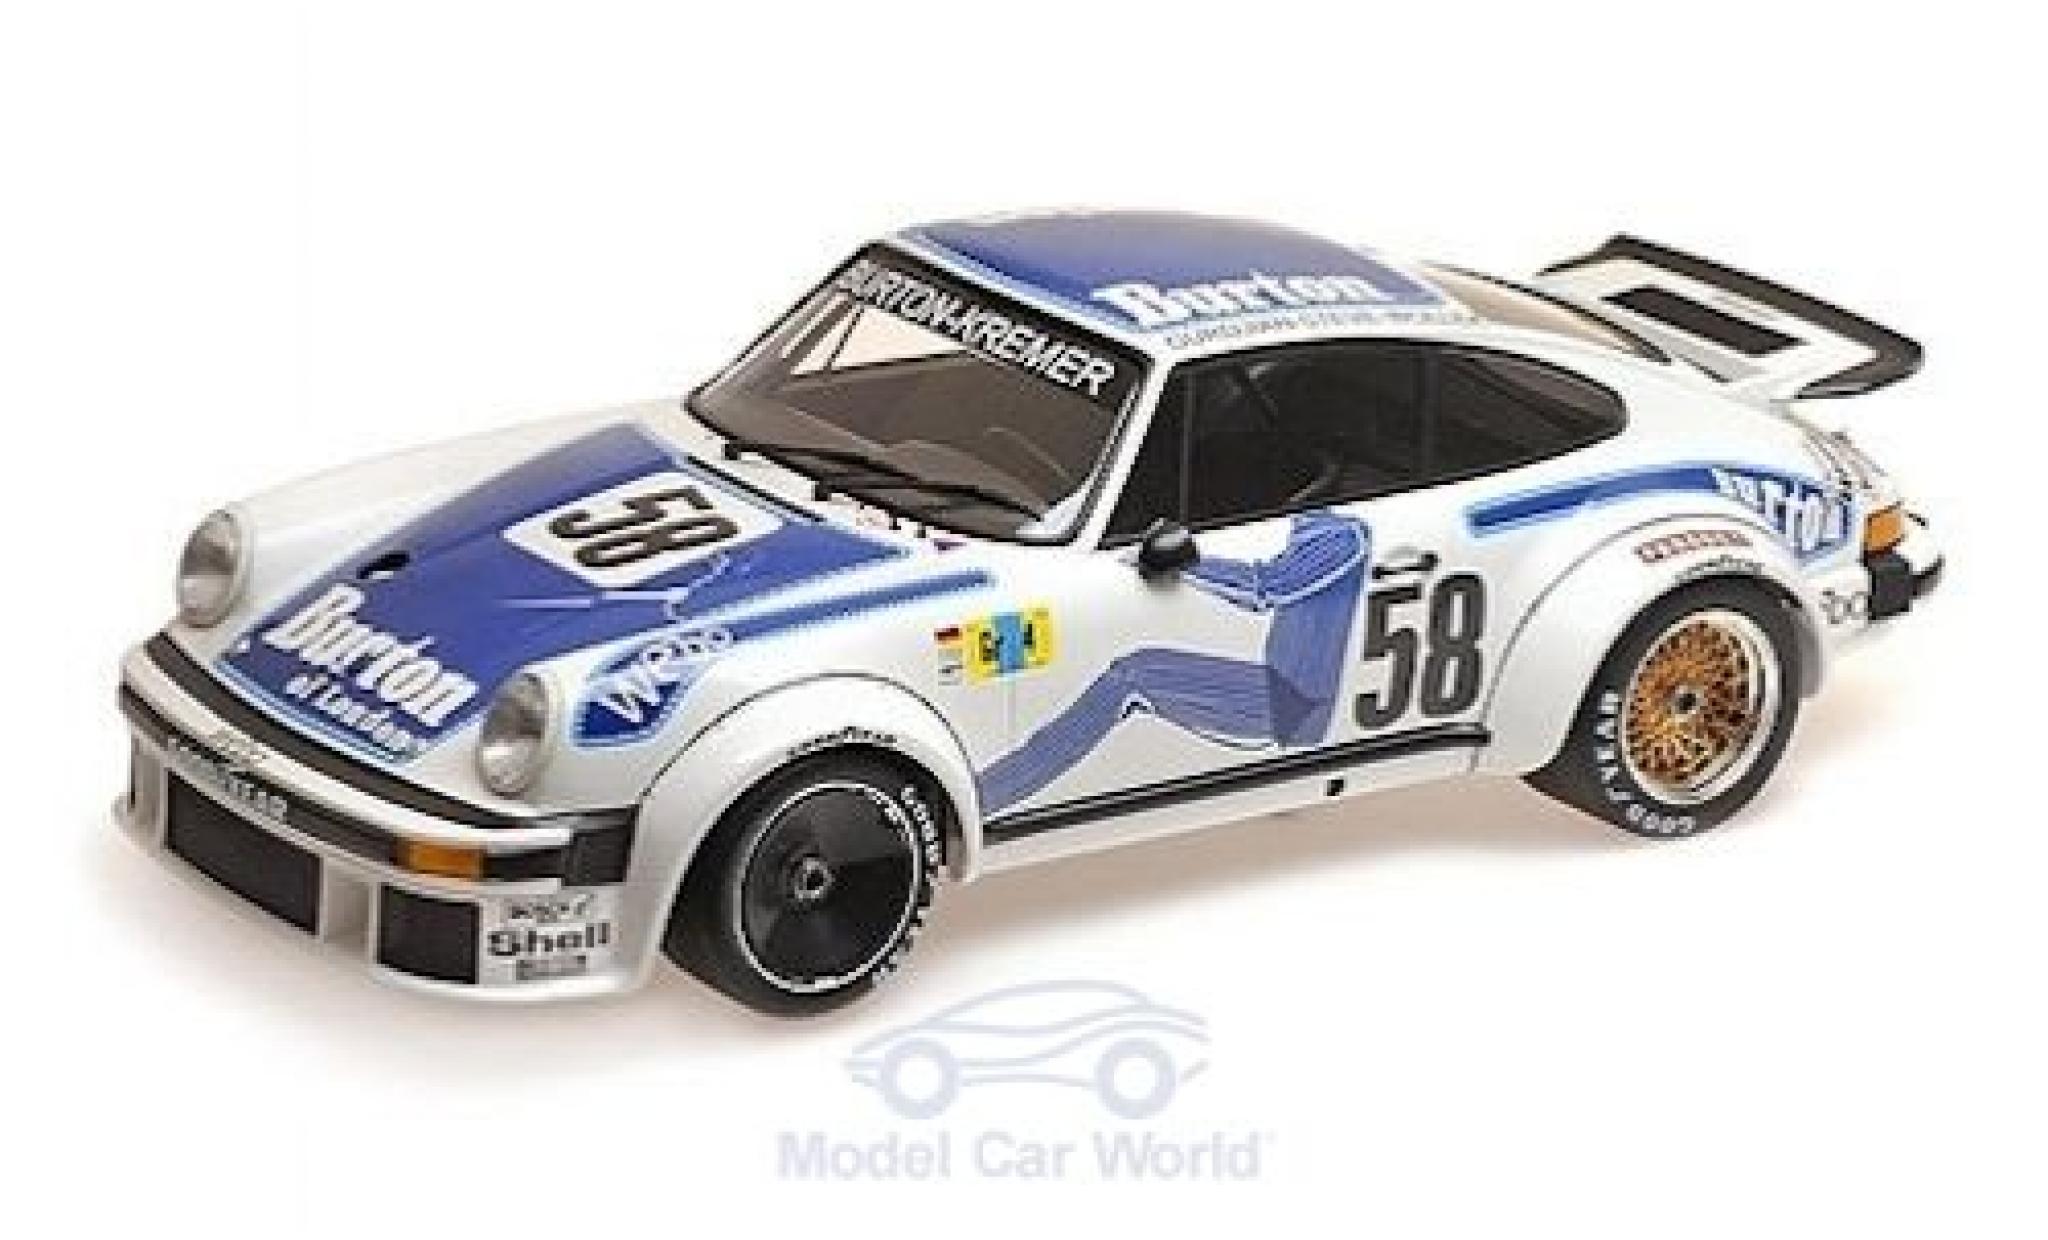 Porsche 934 1/12 Minichamps No.58 -Kremer Racing Burton Le Mans 24h Le Mans 1977 B.Wollek/P.Gurdjian/Steve